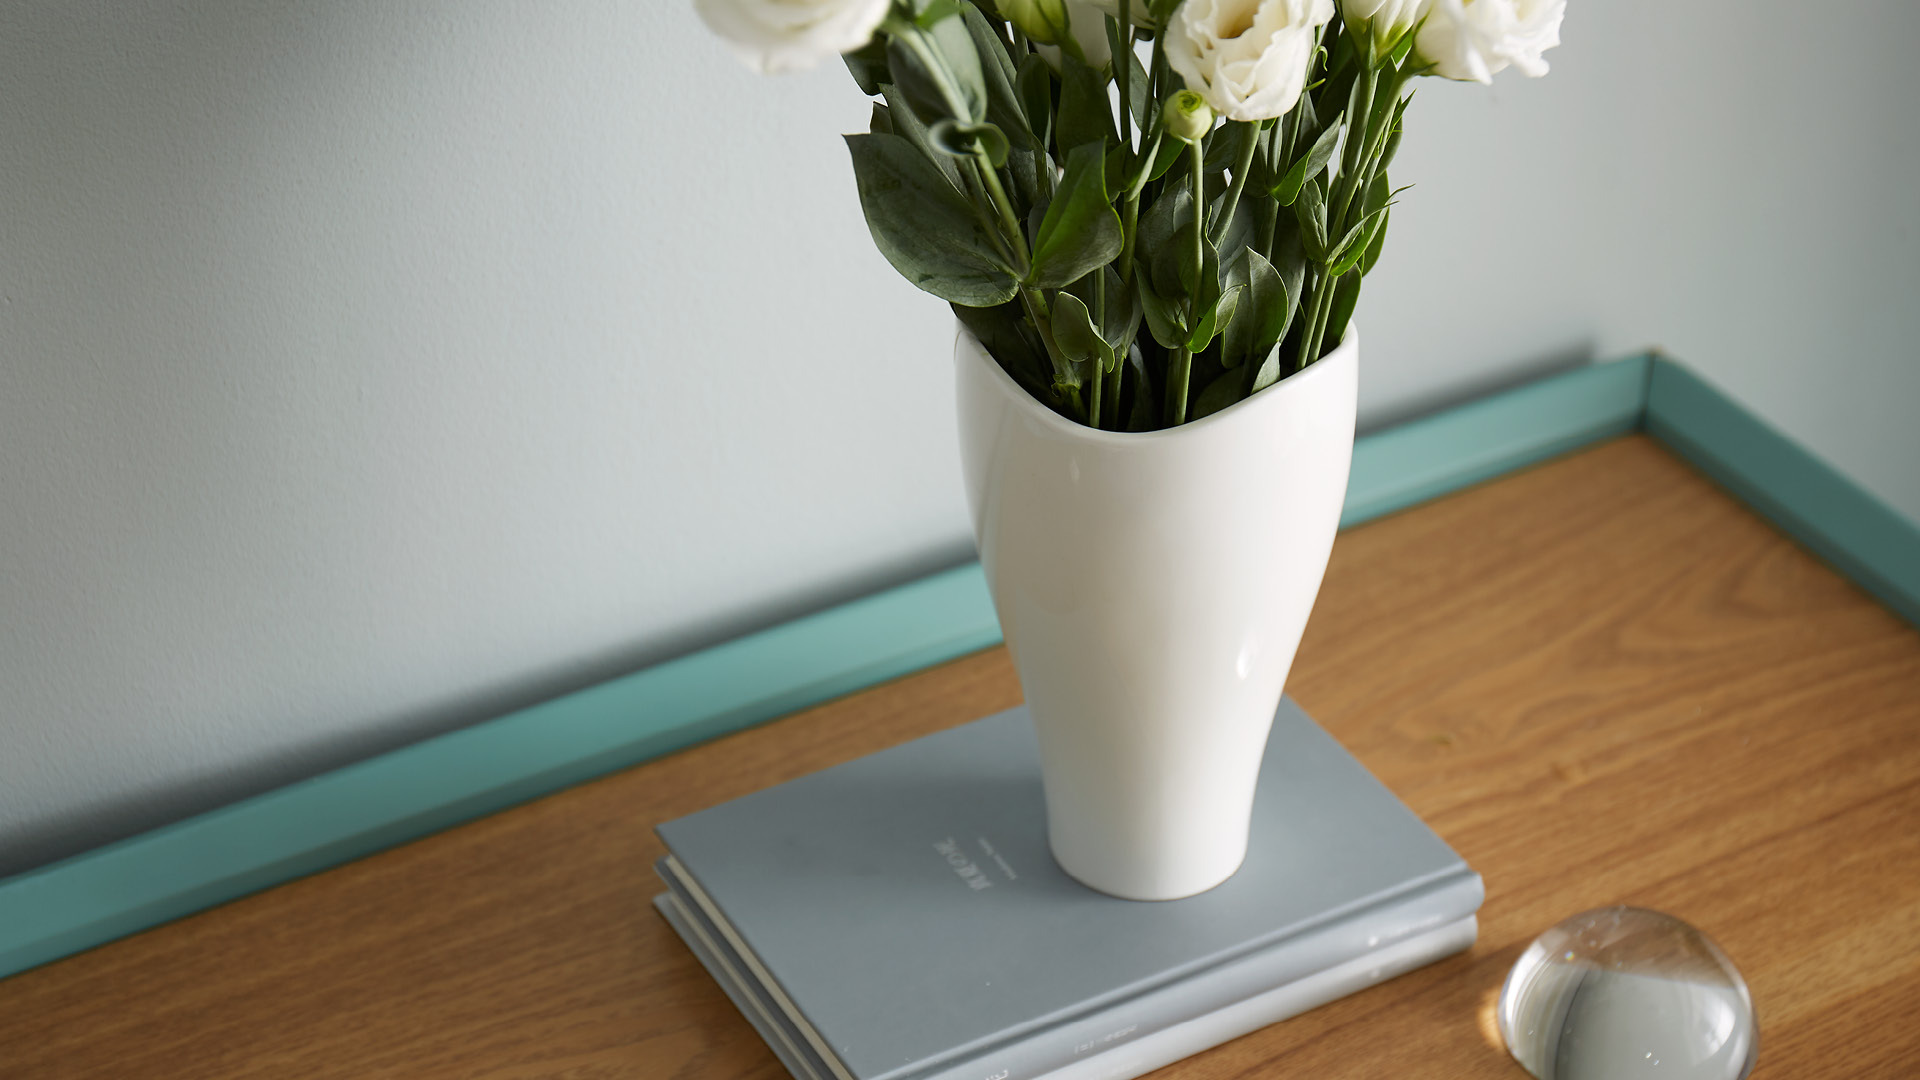 捧一束鲜花,送给生活一份情趣